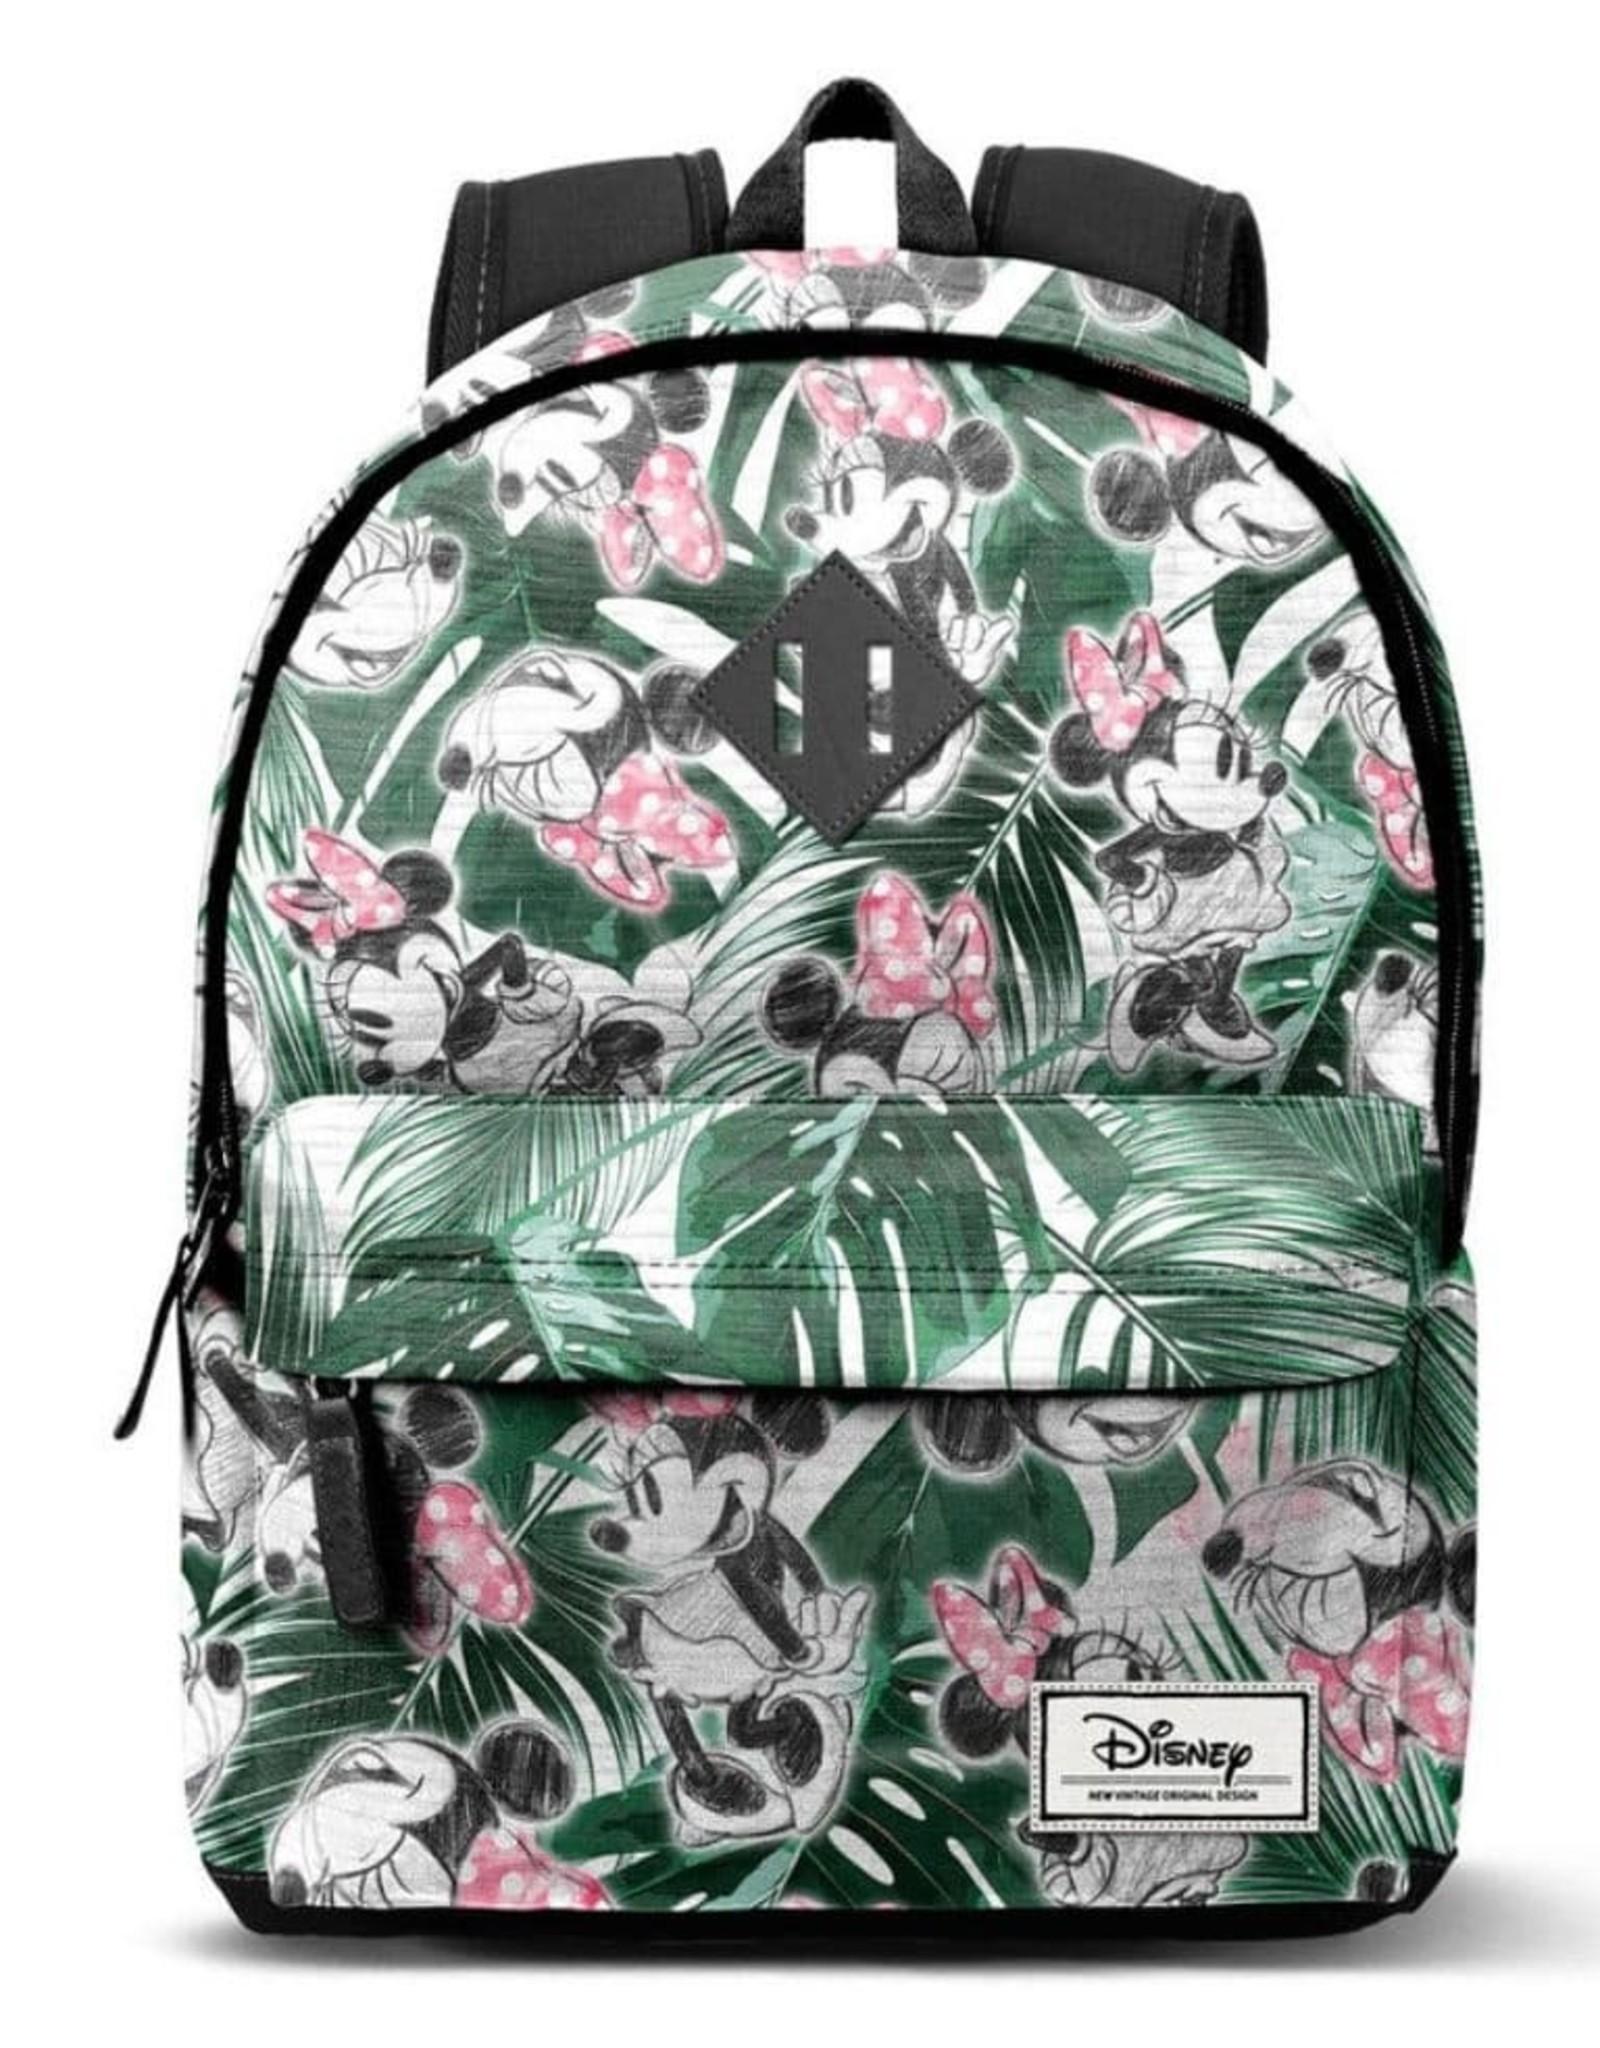 Disney Disney bags - Disney backpack Minnie Aruba vintage